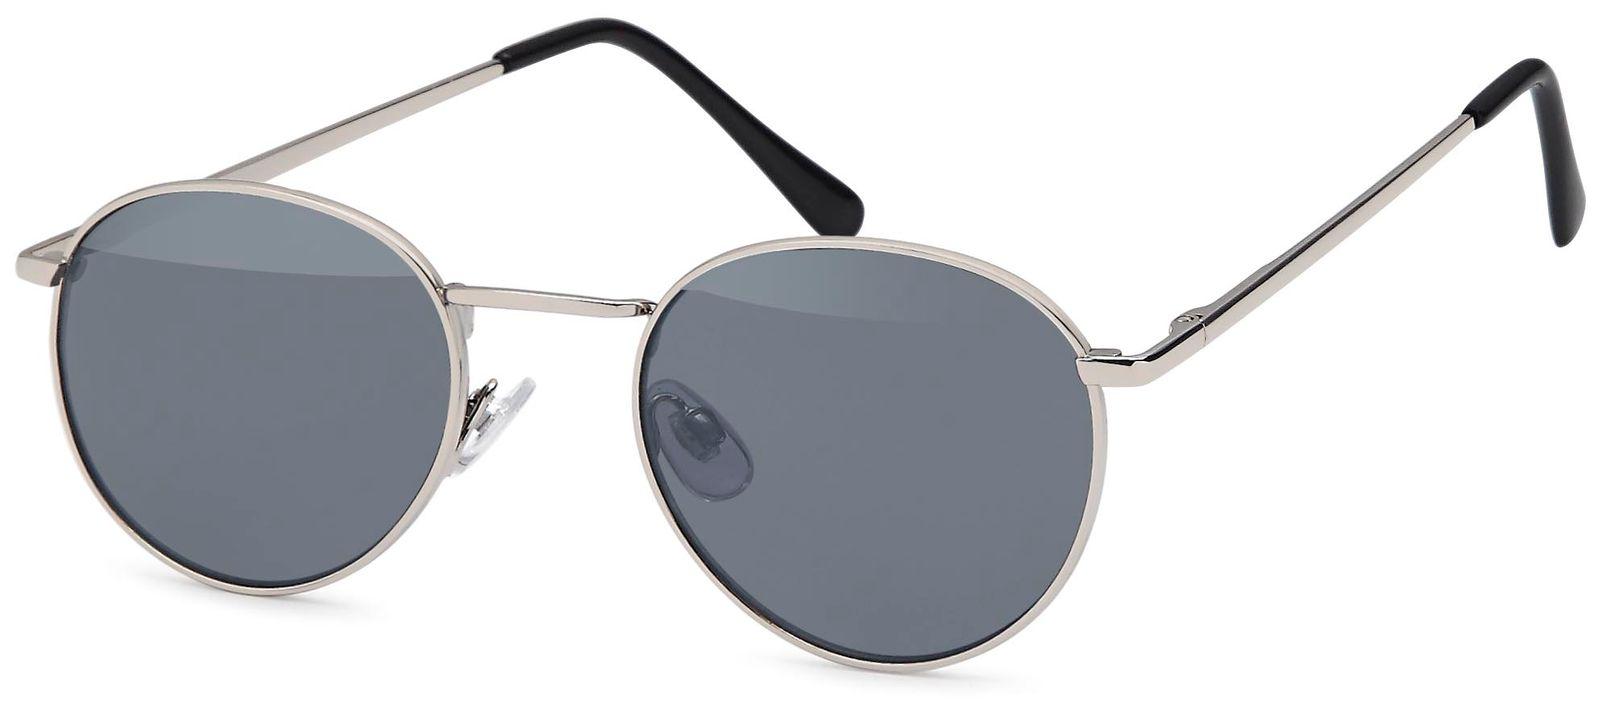 styleBREAKER Sonnenbrille in Panto-Form mit runden Flachgläsern und Metall Bügel, Unisex 09020077, Farbe:Gestell Anthrazit / Glas Grau Verlauf